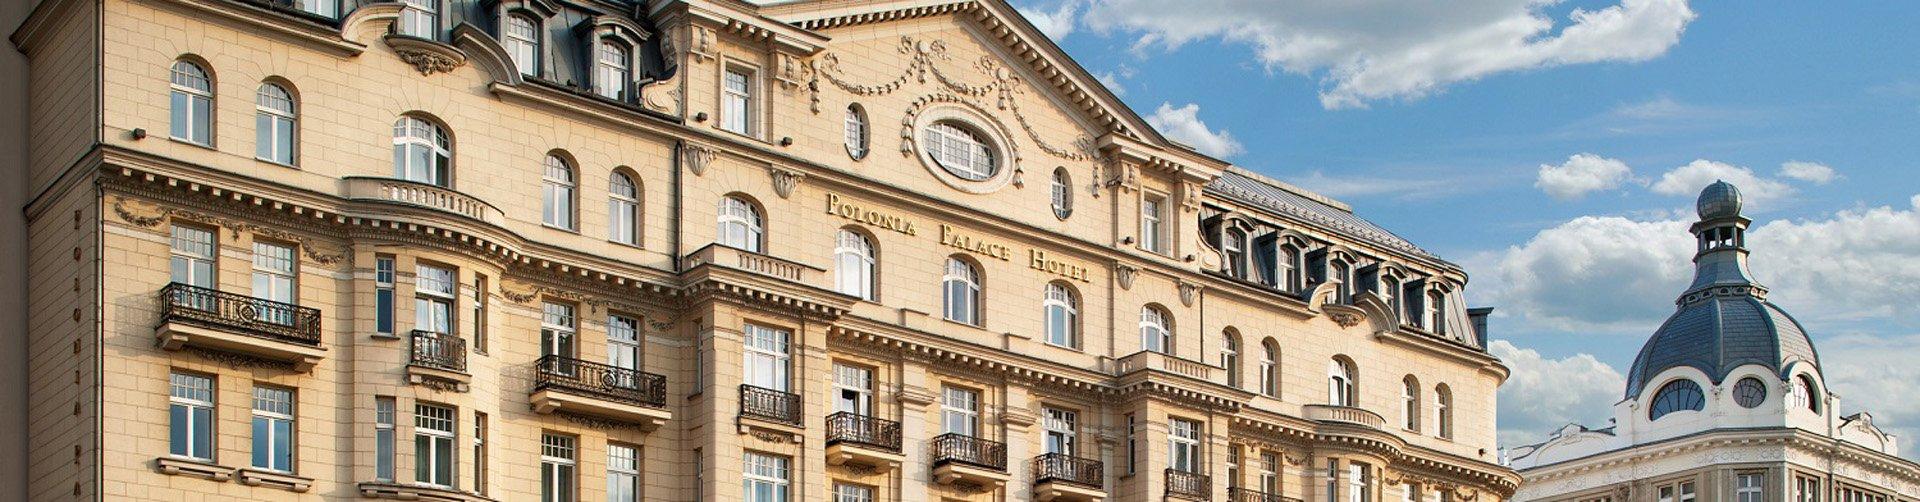 Hotel Polonia Palace in Warschau